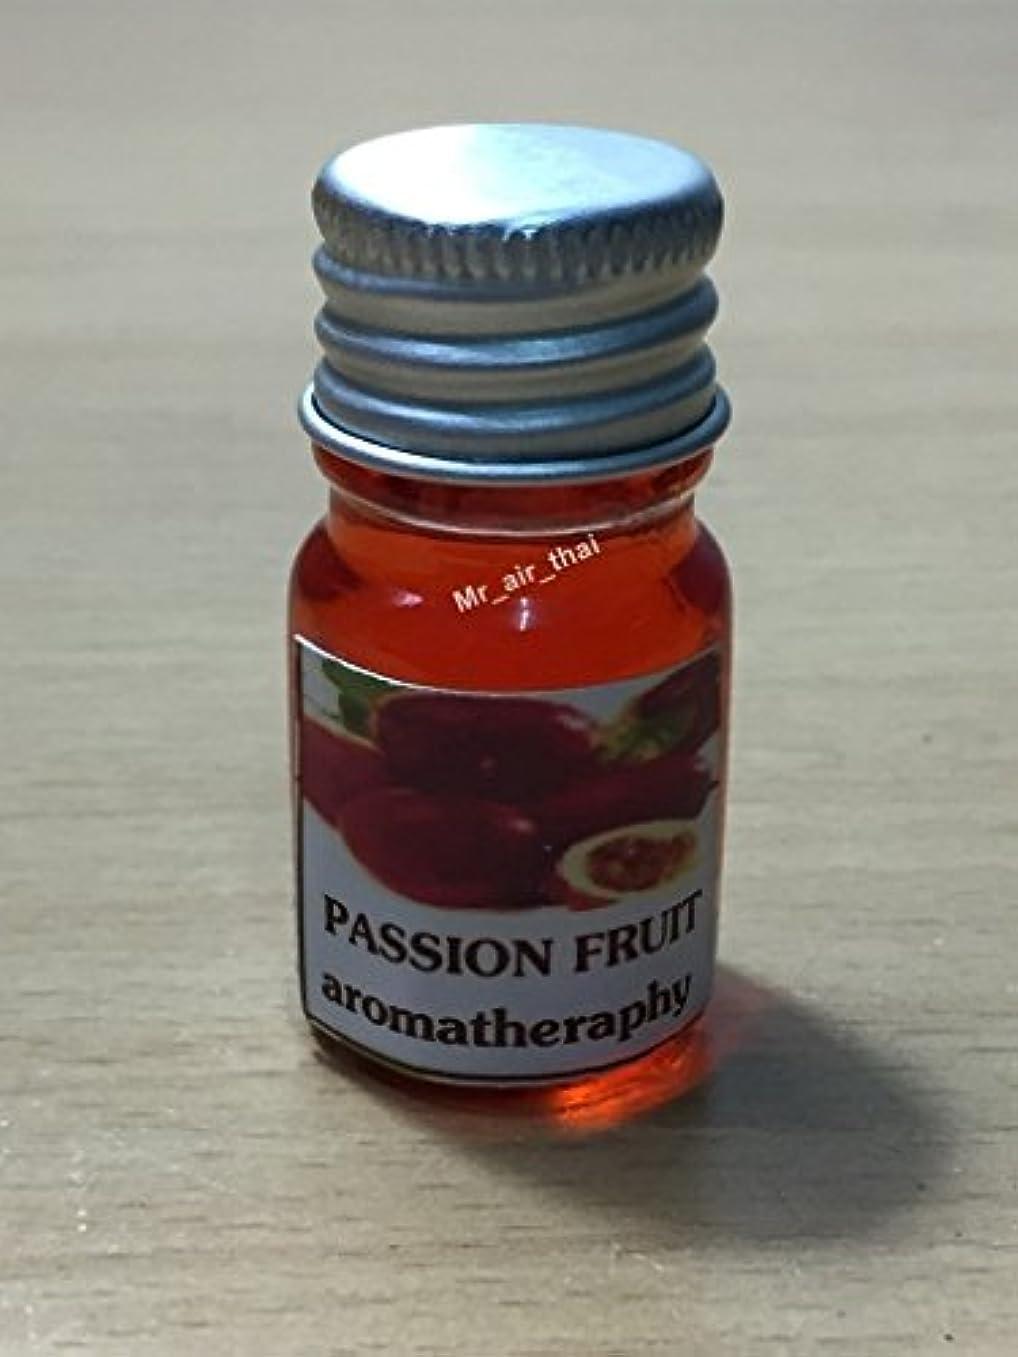 マントキャップ意欲5ミリリットルアロマパッションフルーツフランクインセンスエッセンシャルオイルボトルアロマテラピーオイル自然自然5ml Aroma Passion Fruit Frankincense Essential Oil Bottles...